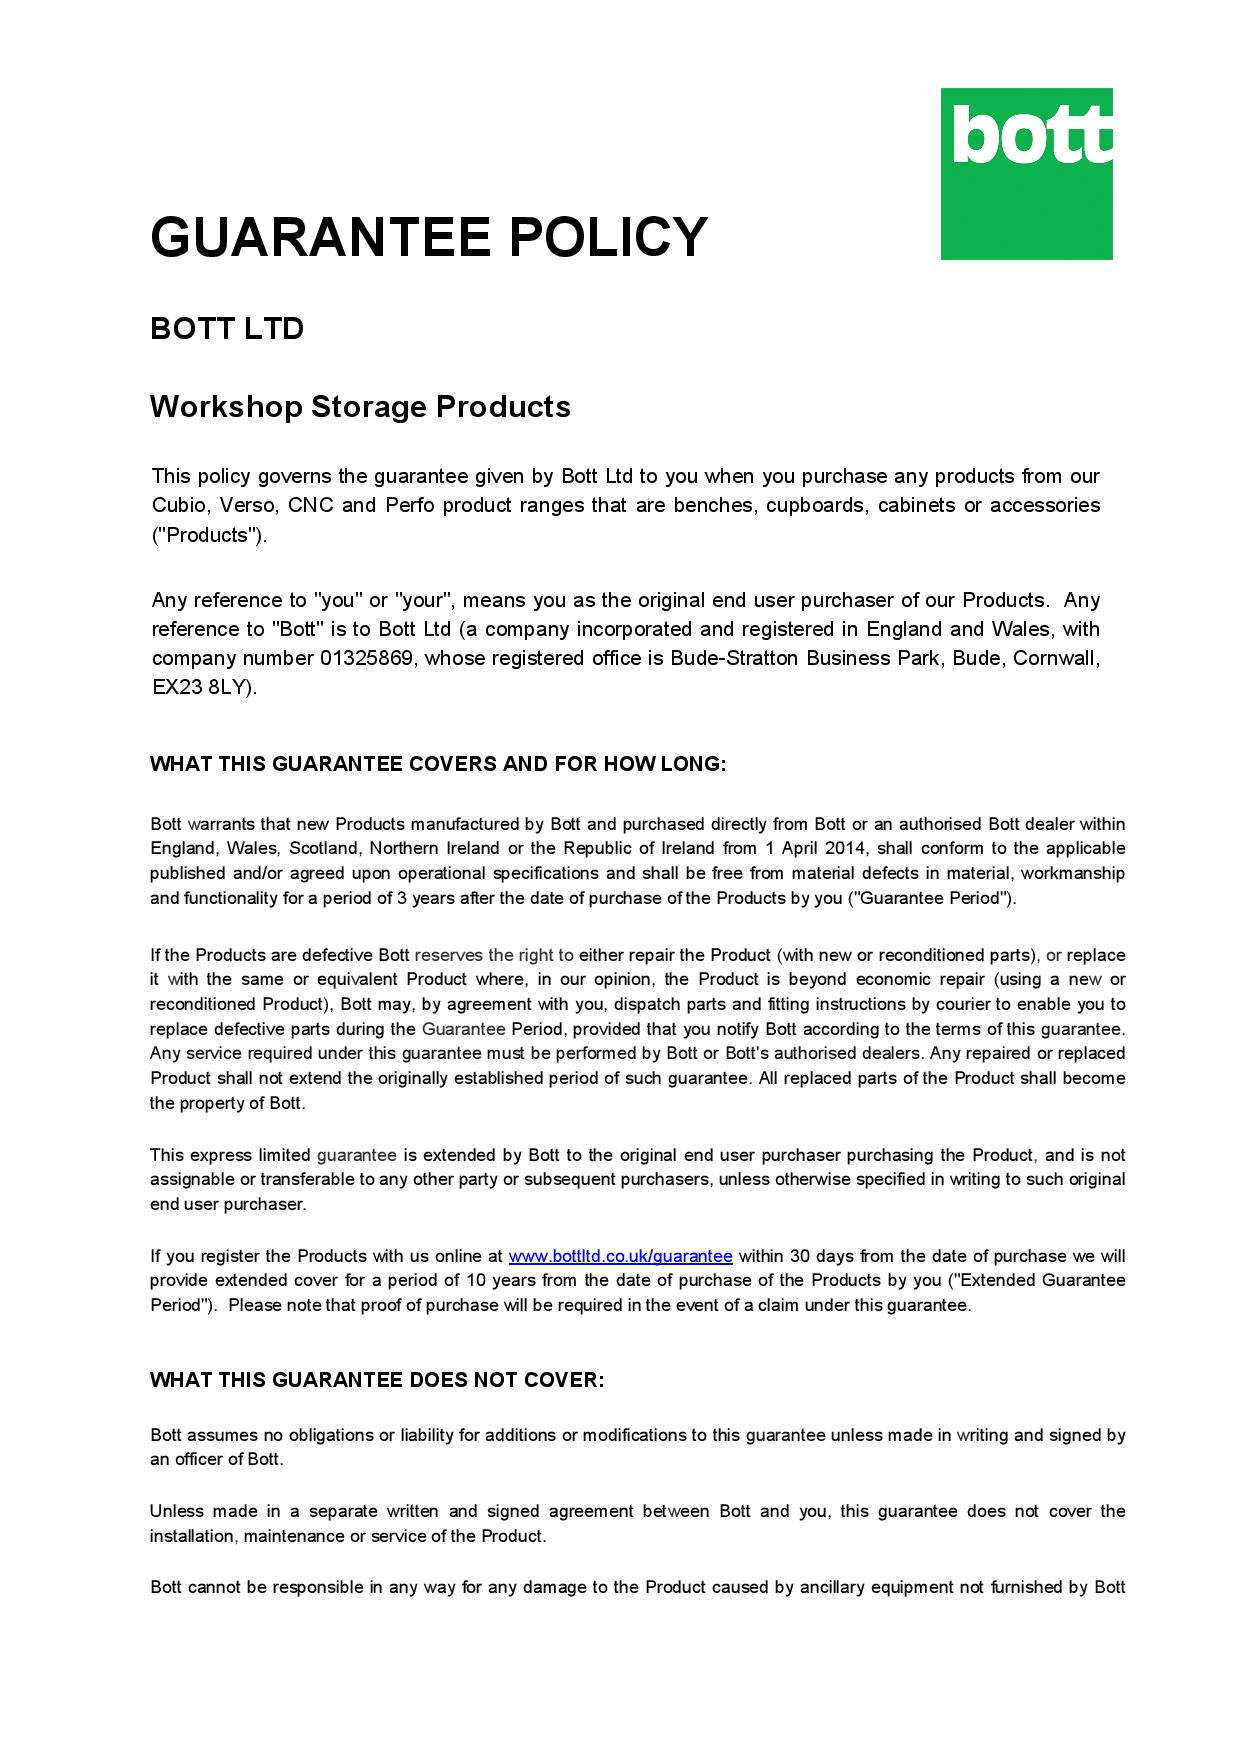 Bott Ltd Guarantee Policy